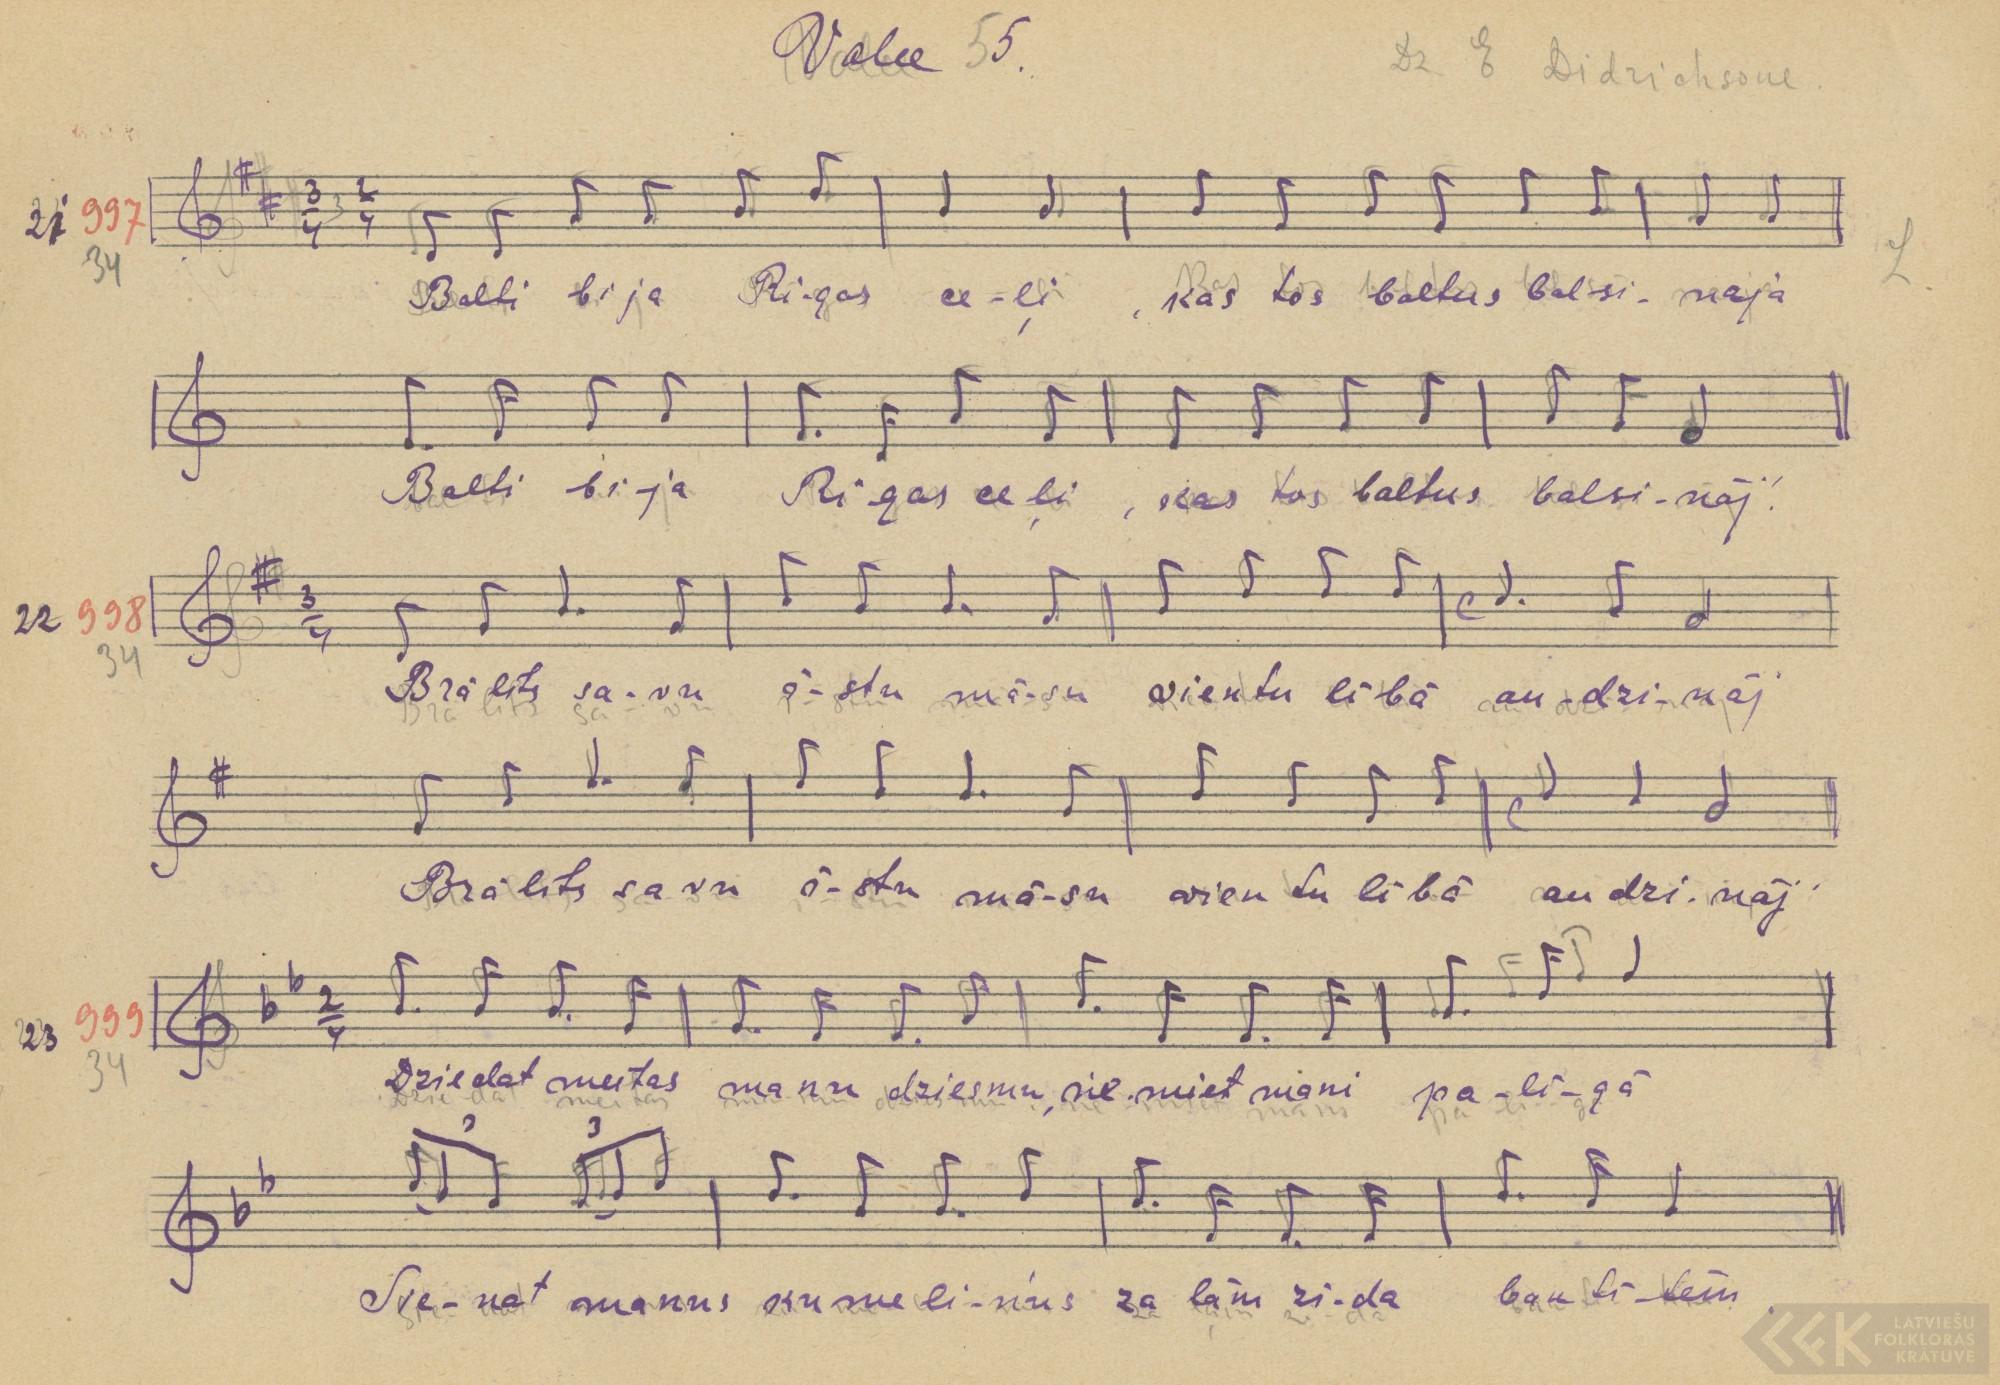 Dziedat, meitas, manu dziesmu (1927)